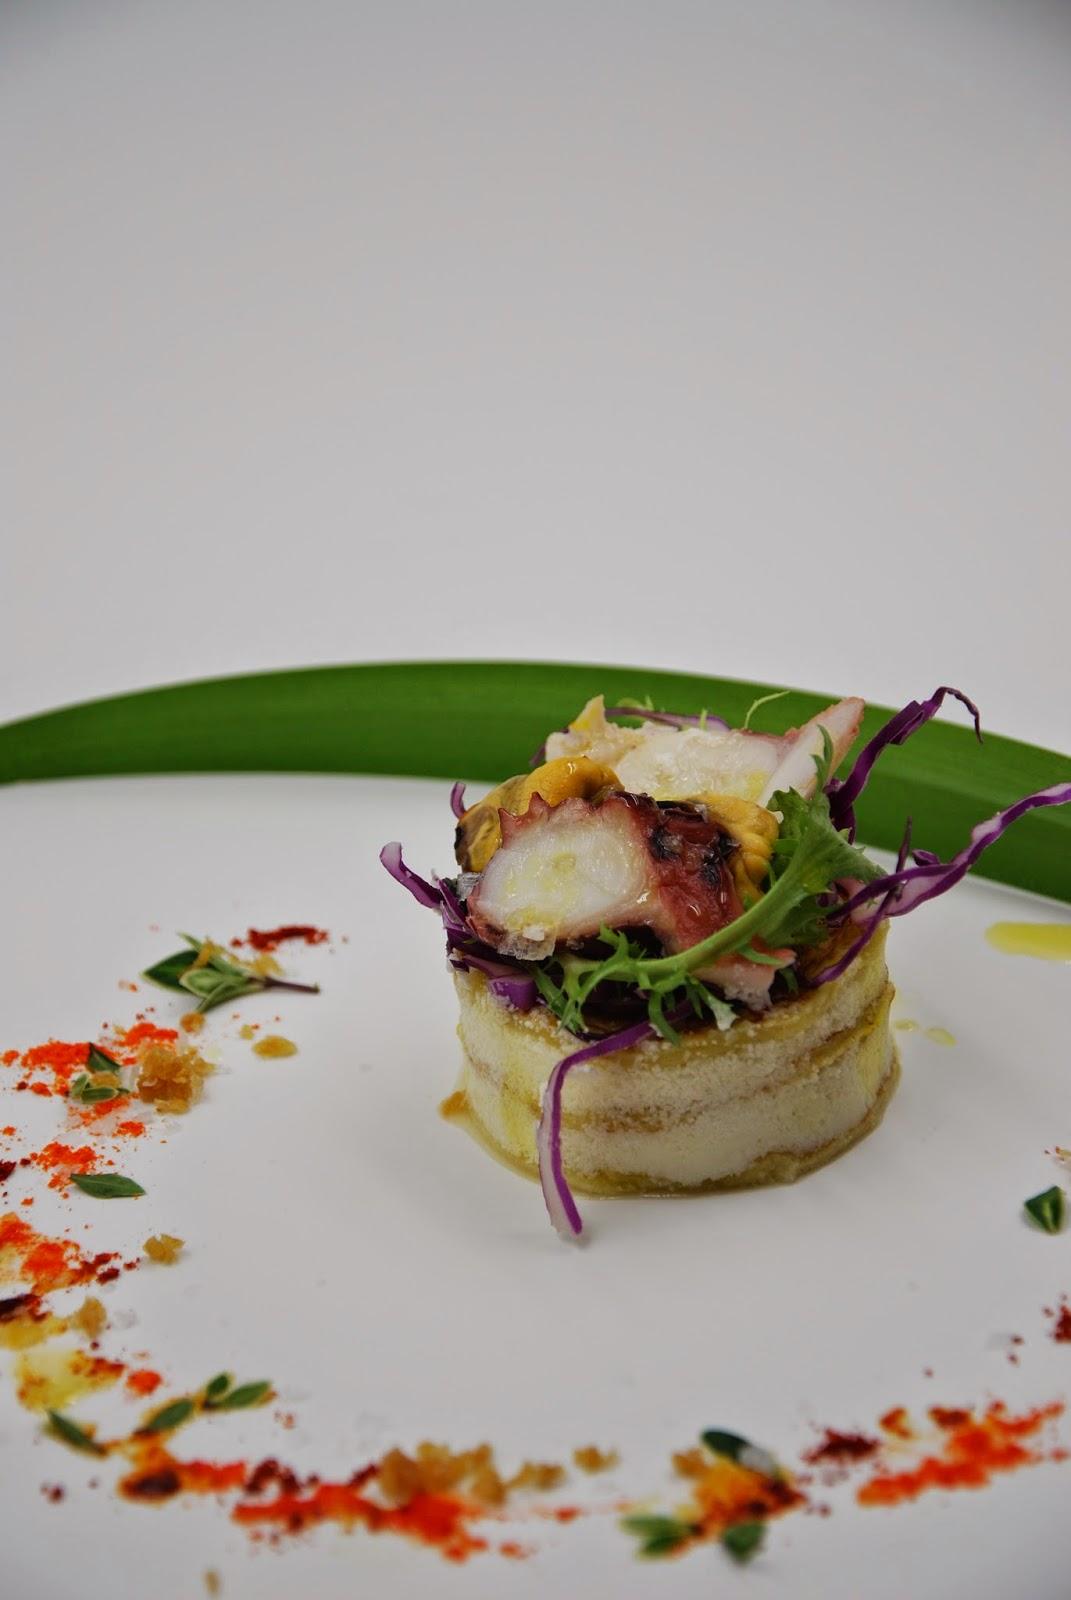 Asesoria gastronomica platos de la cocina mediterranea en for Platos cocina